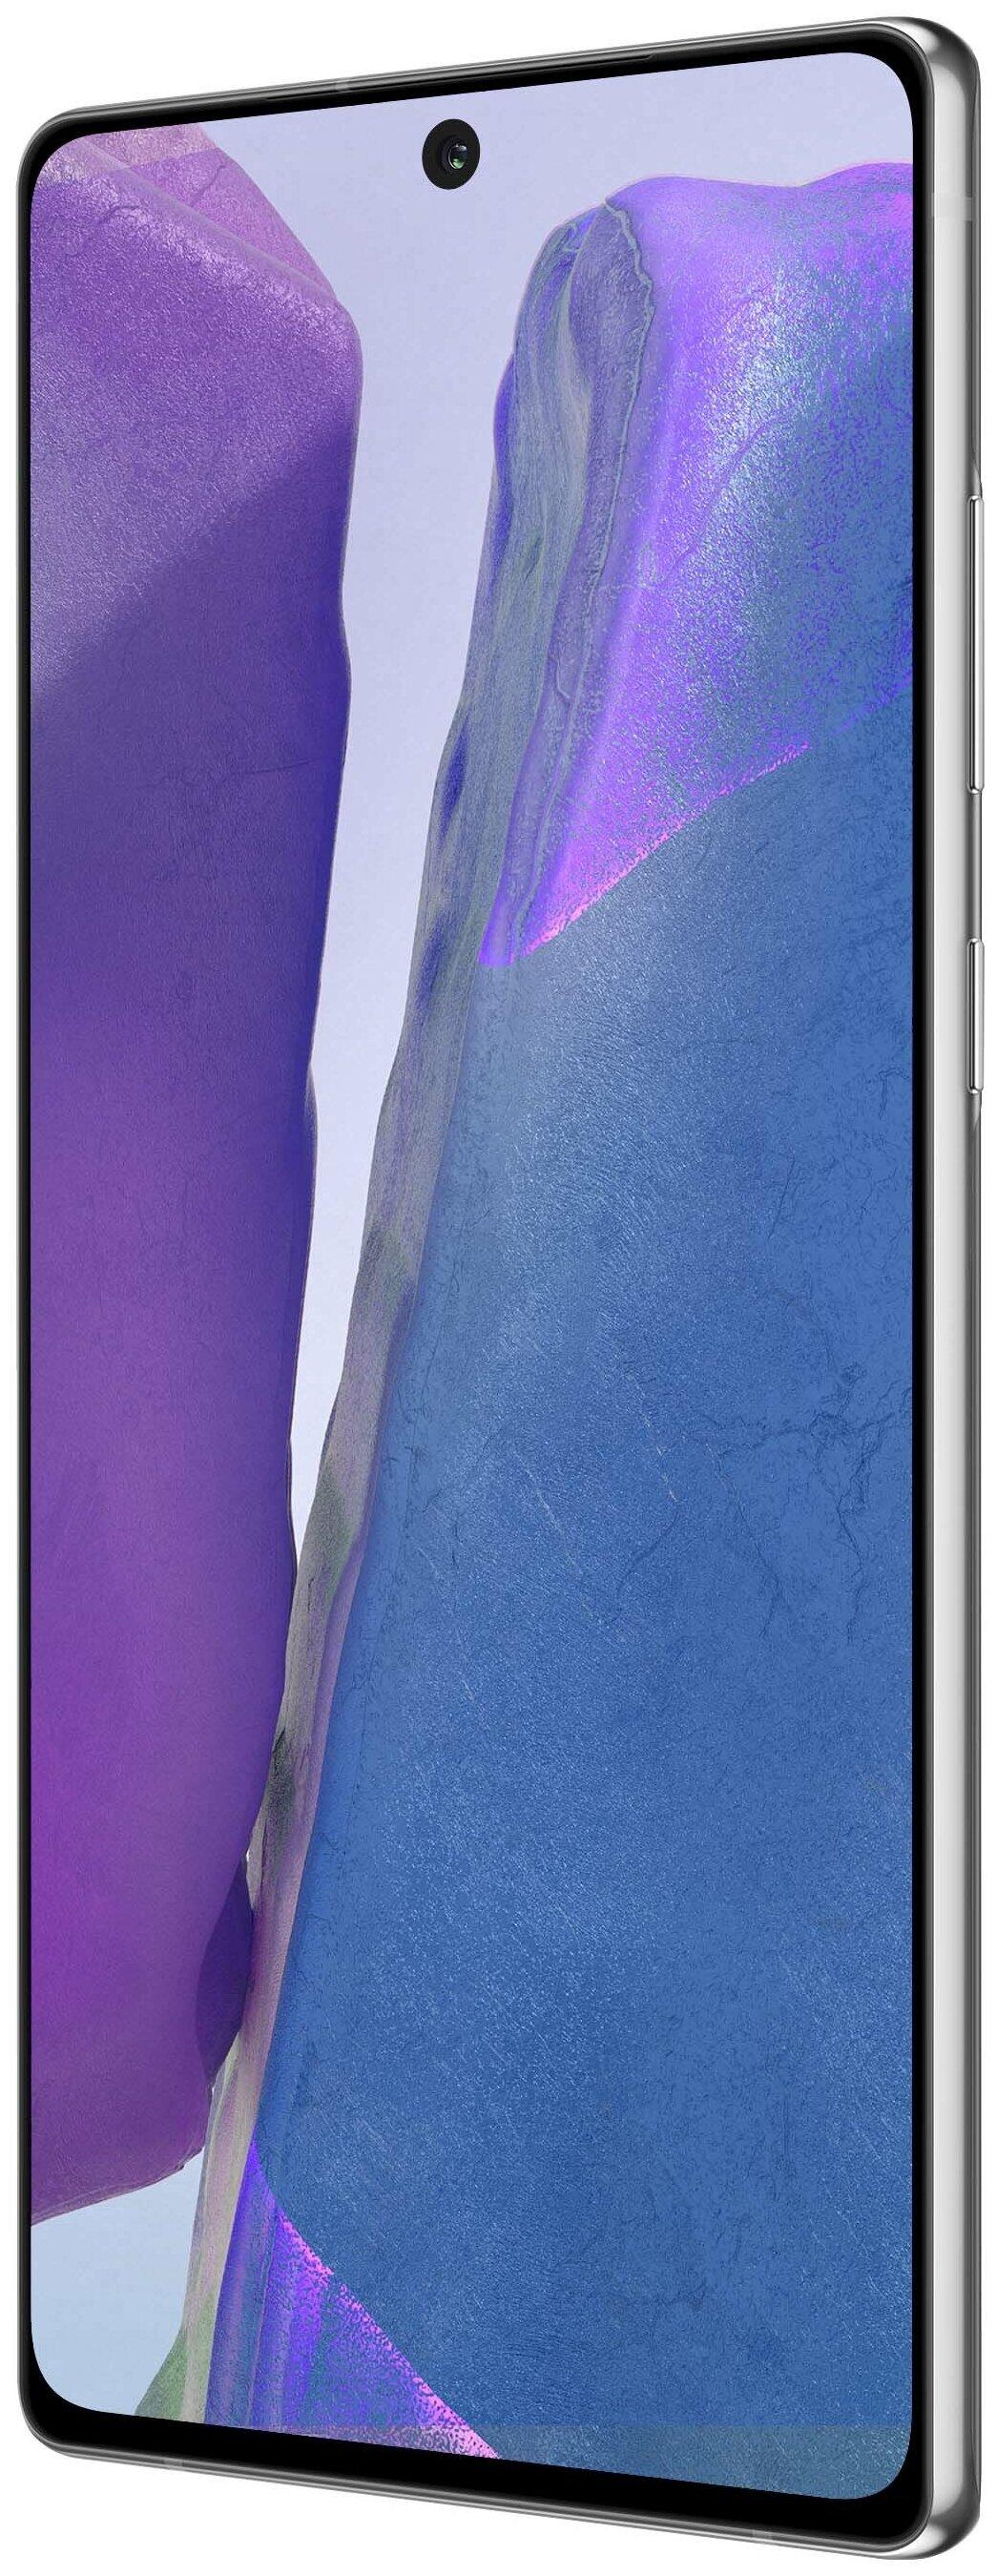 Samsung Galaxy Note 20 8/256GB - процессор: Samsung Exynos 990